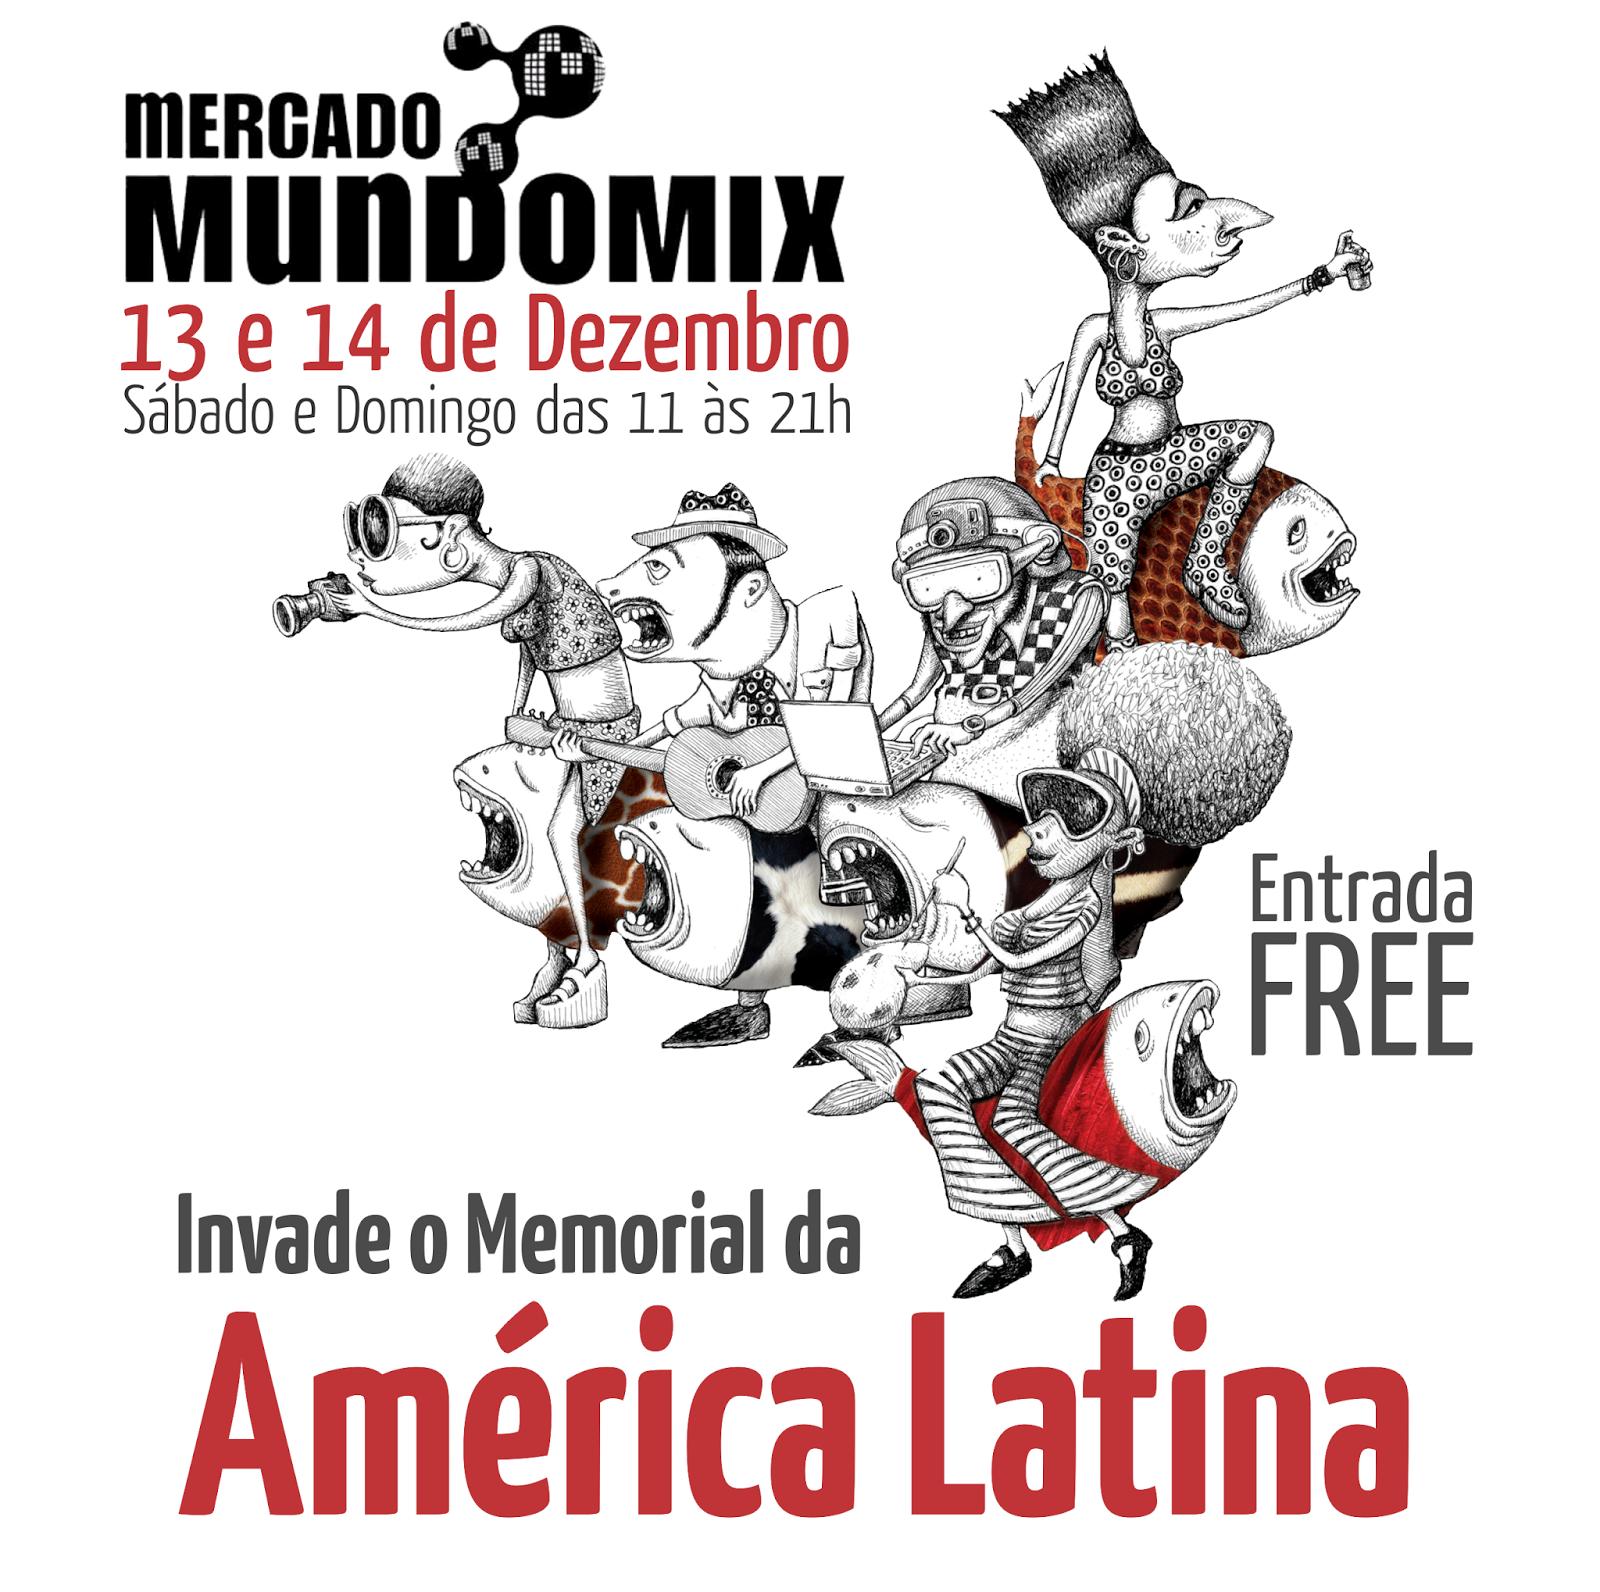 Heroicas no Mundo Mix - 13 e 14 de dezembro de 2014